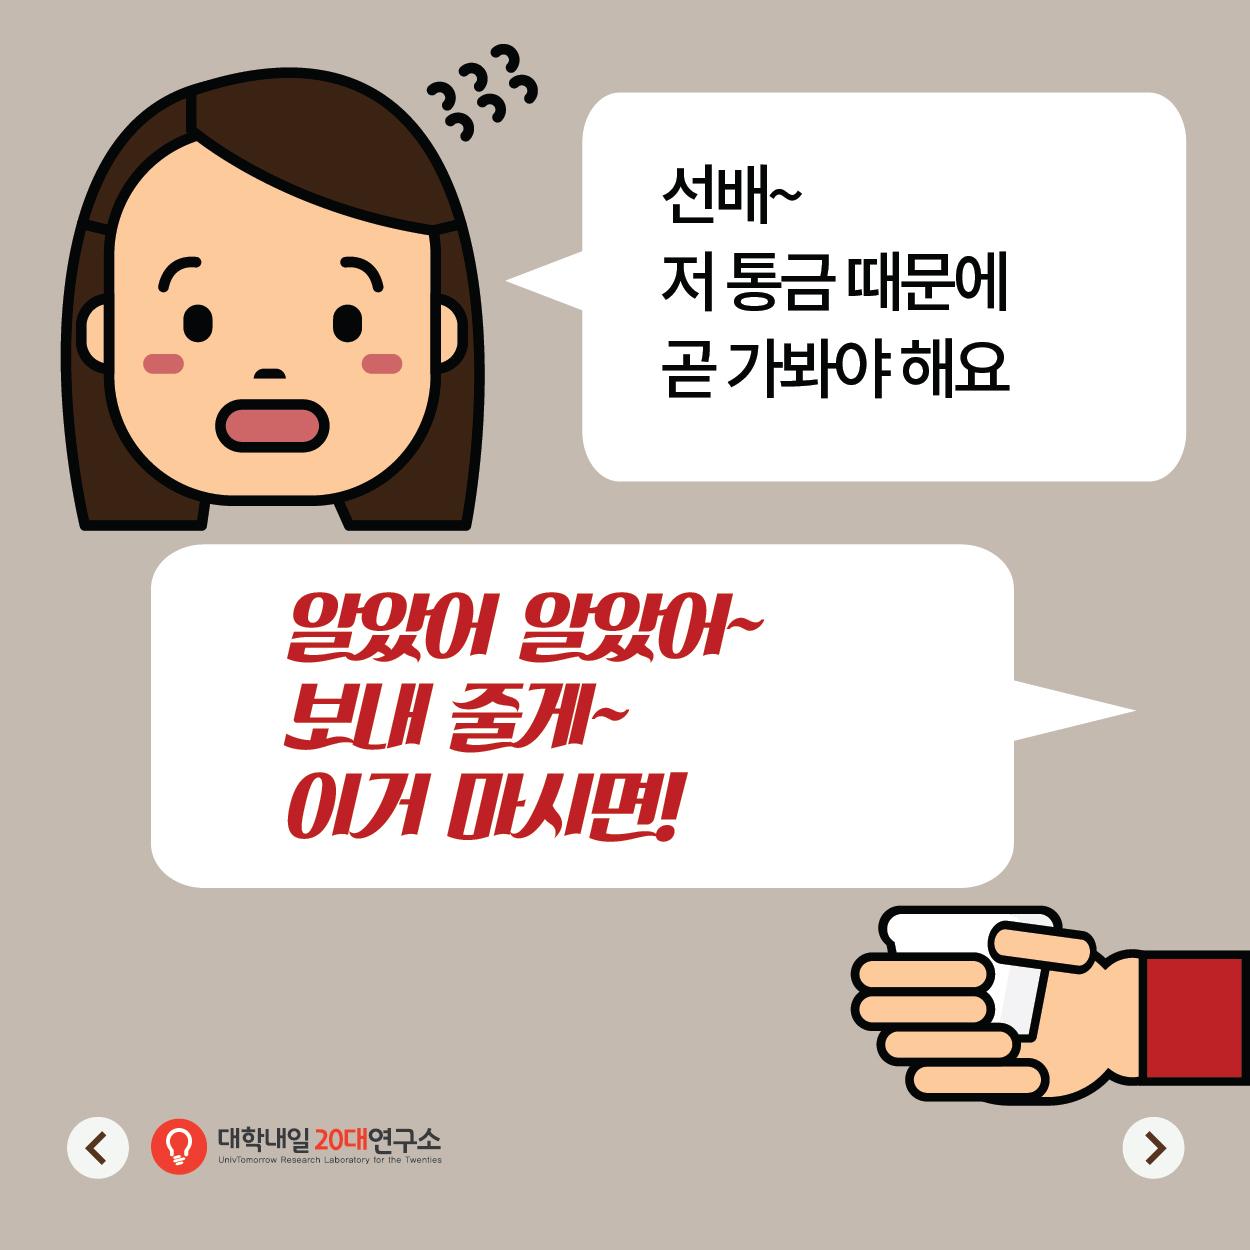 술자리조심-04